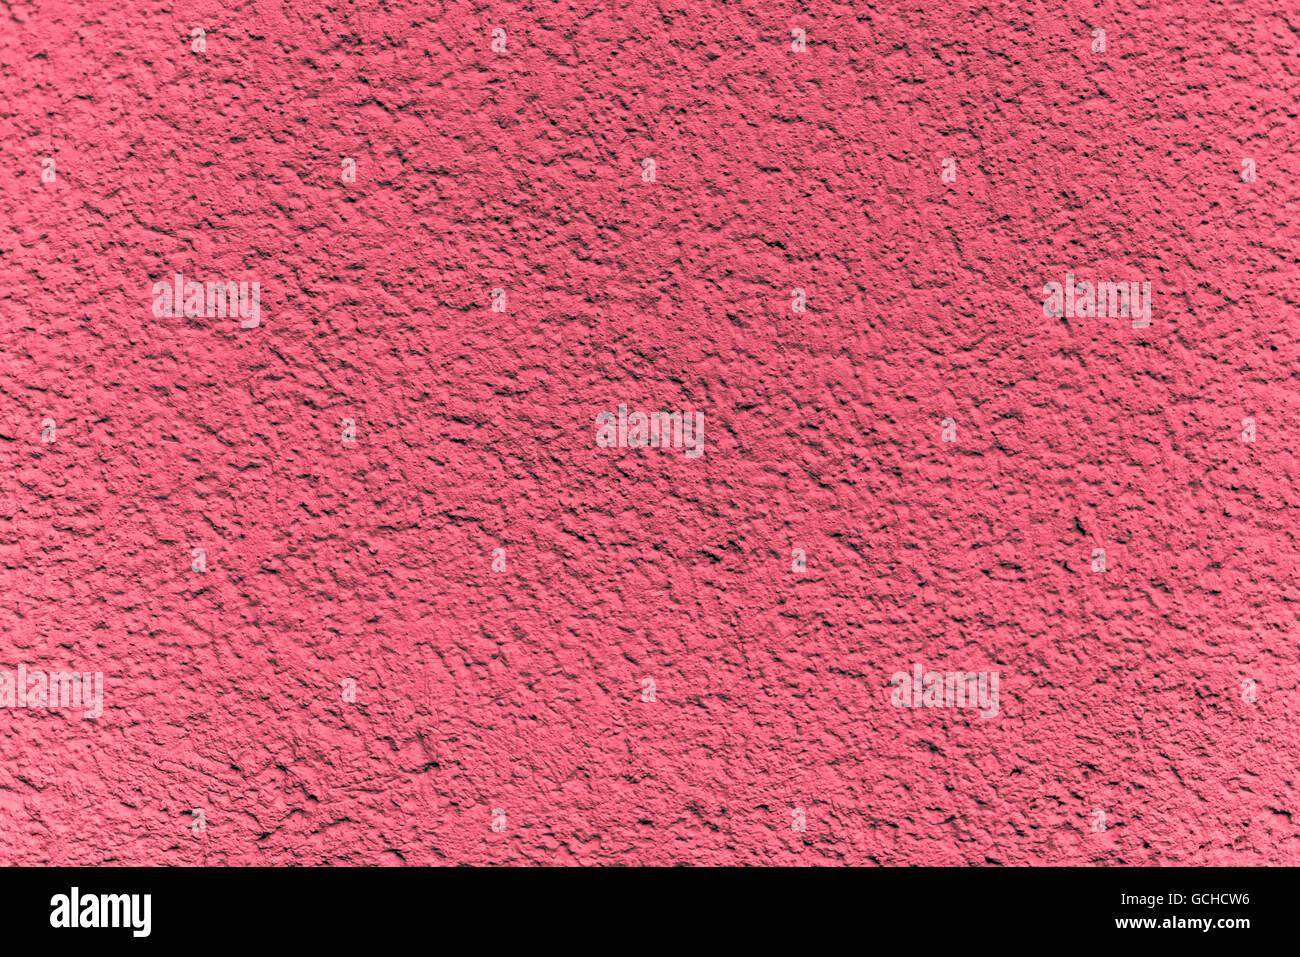 Eccellente rosso grigio pietra rossastra parete - sfondi con intonacatura strutturato Immagini Stock